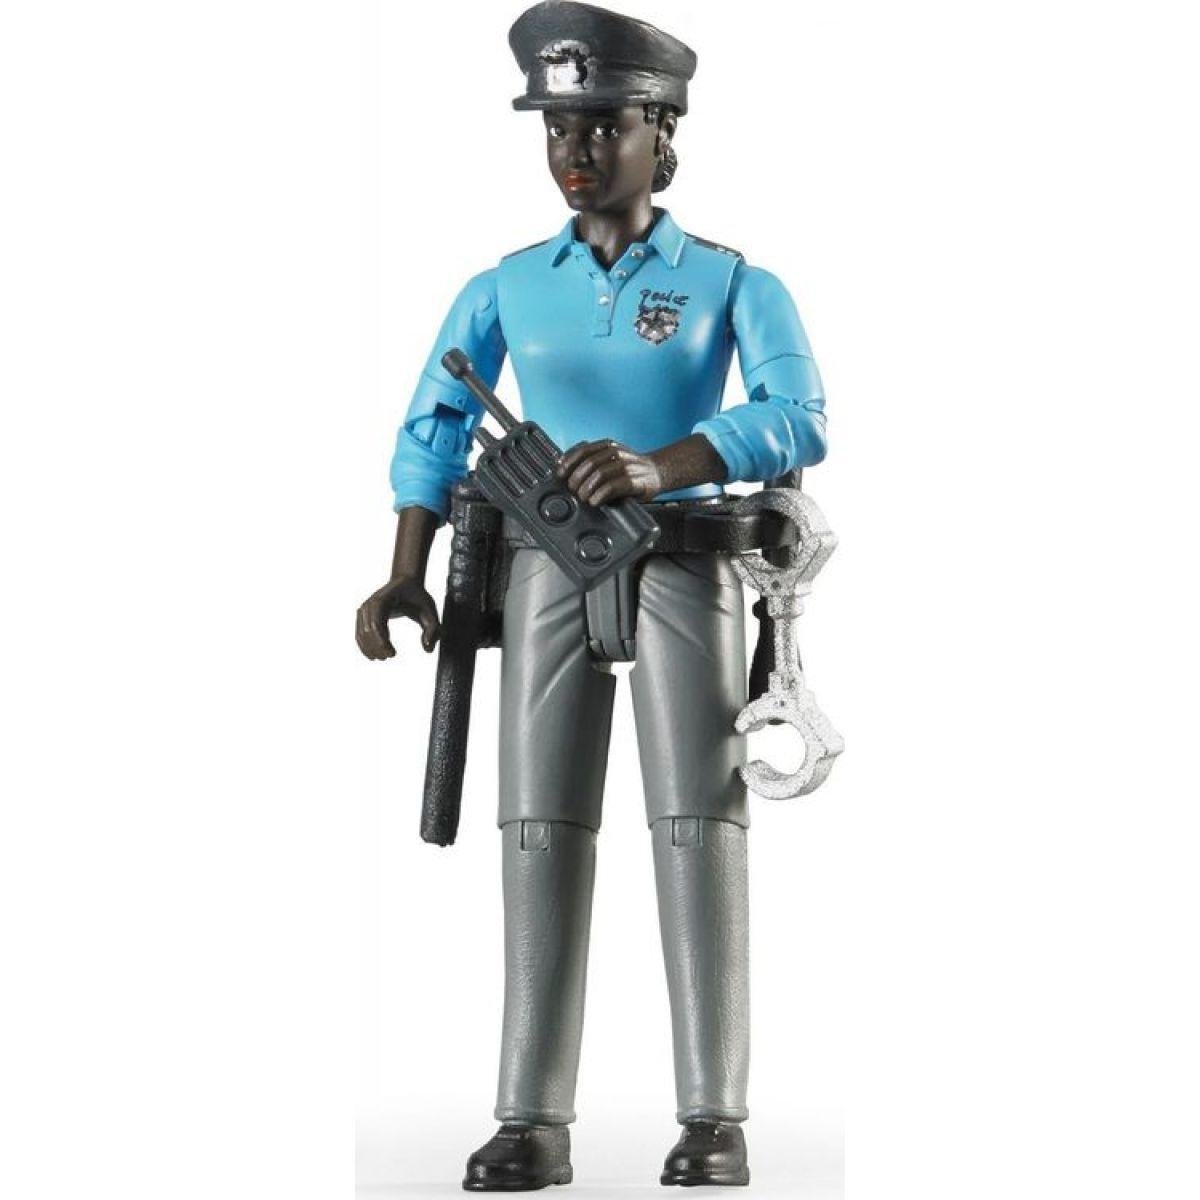 Bruder 60431 Policistka tmavé pleti s příslušenstvím